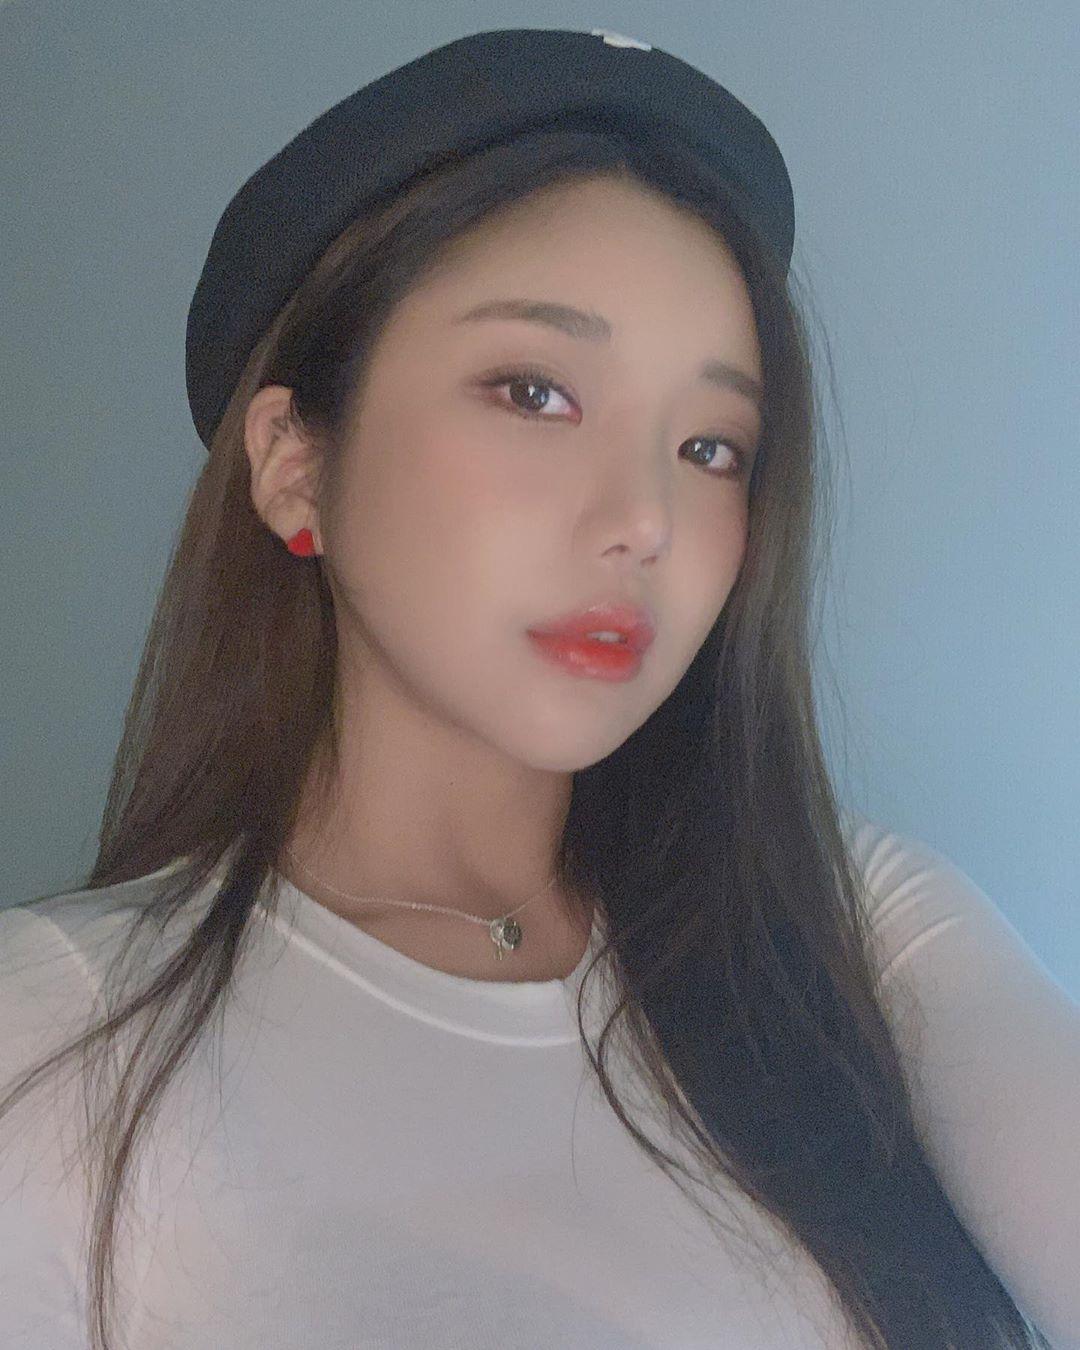 仙氣爆棚韓國大姊姊 辣曬傲人身材讓網友有目共睹 - 亞洲美女 -